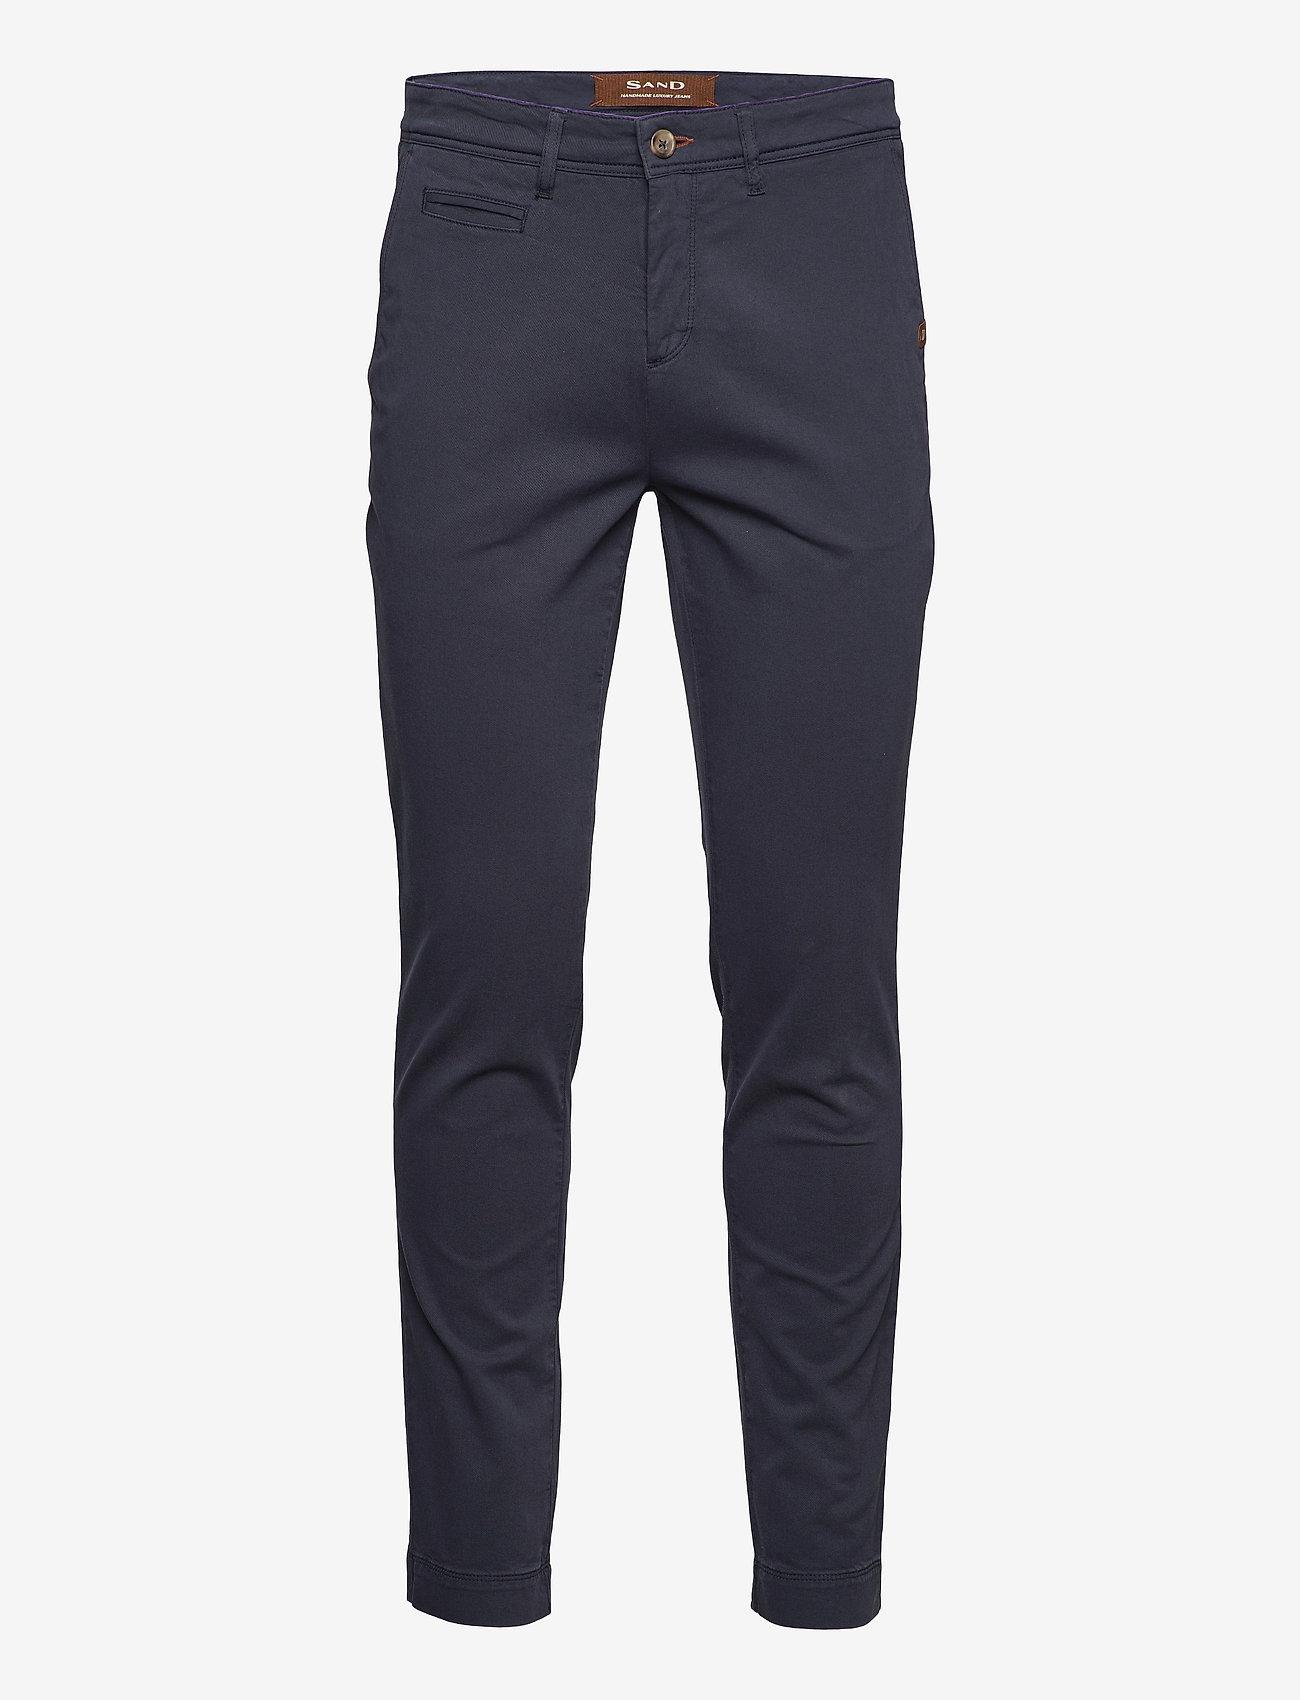 SAND - Cashmere Touch - Dolan Slim - regular jeans - dark blue/navy - 0